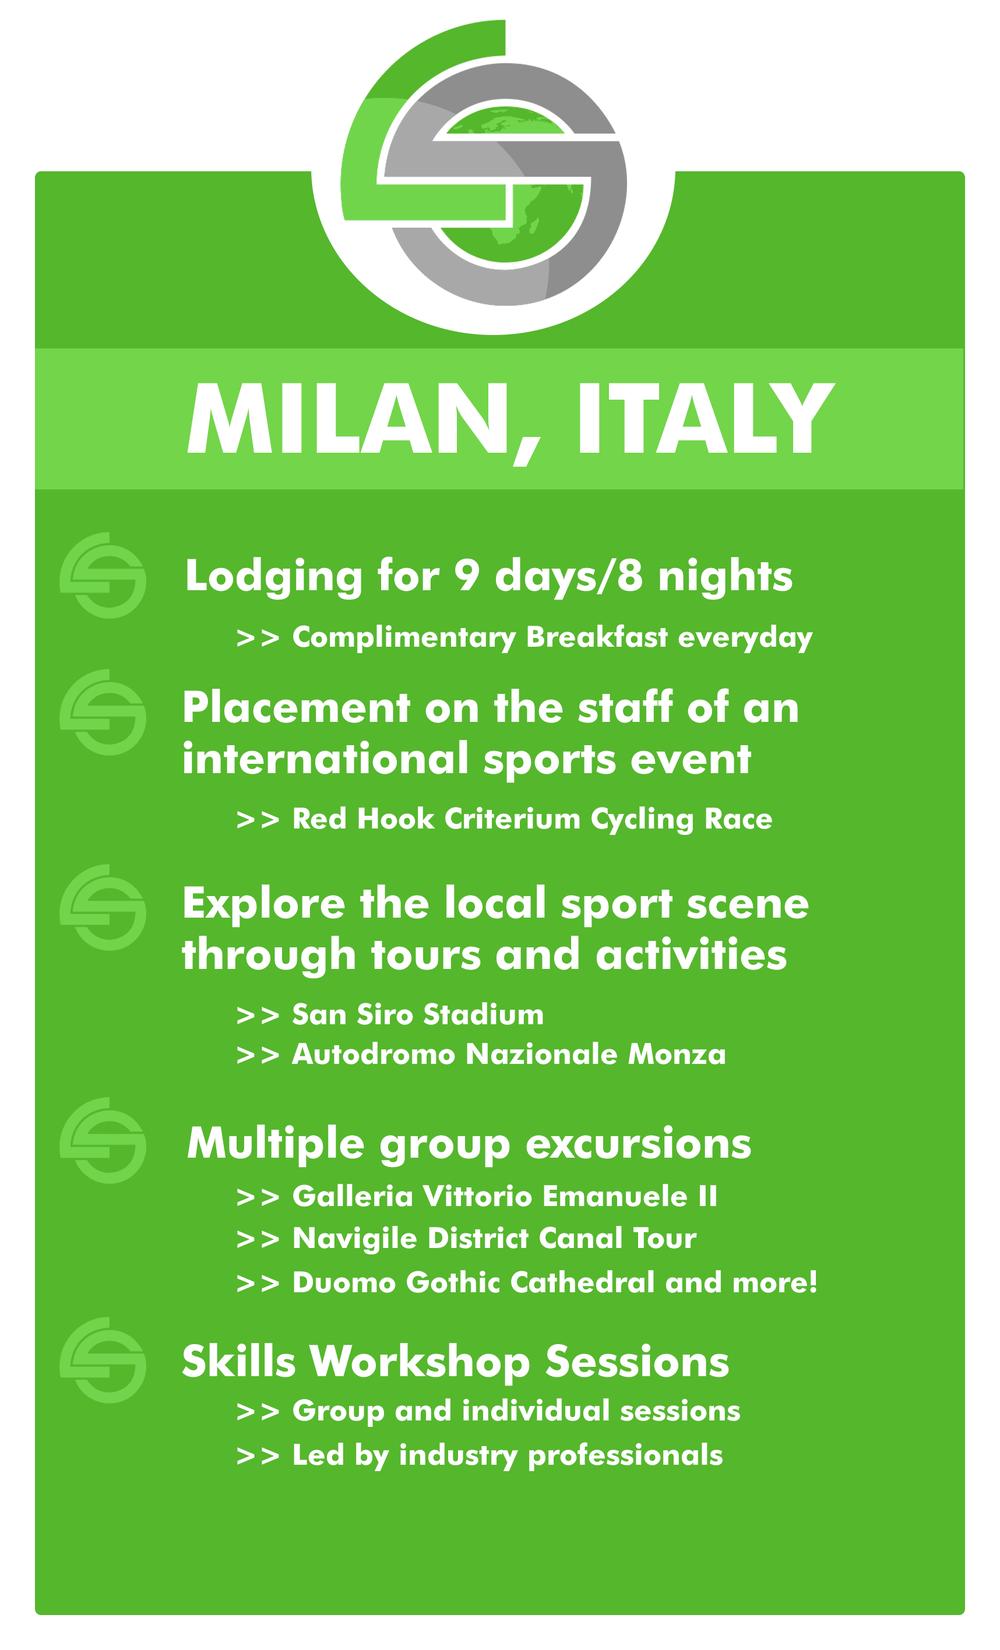 Milan Italy Cost.jpg